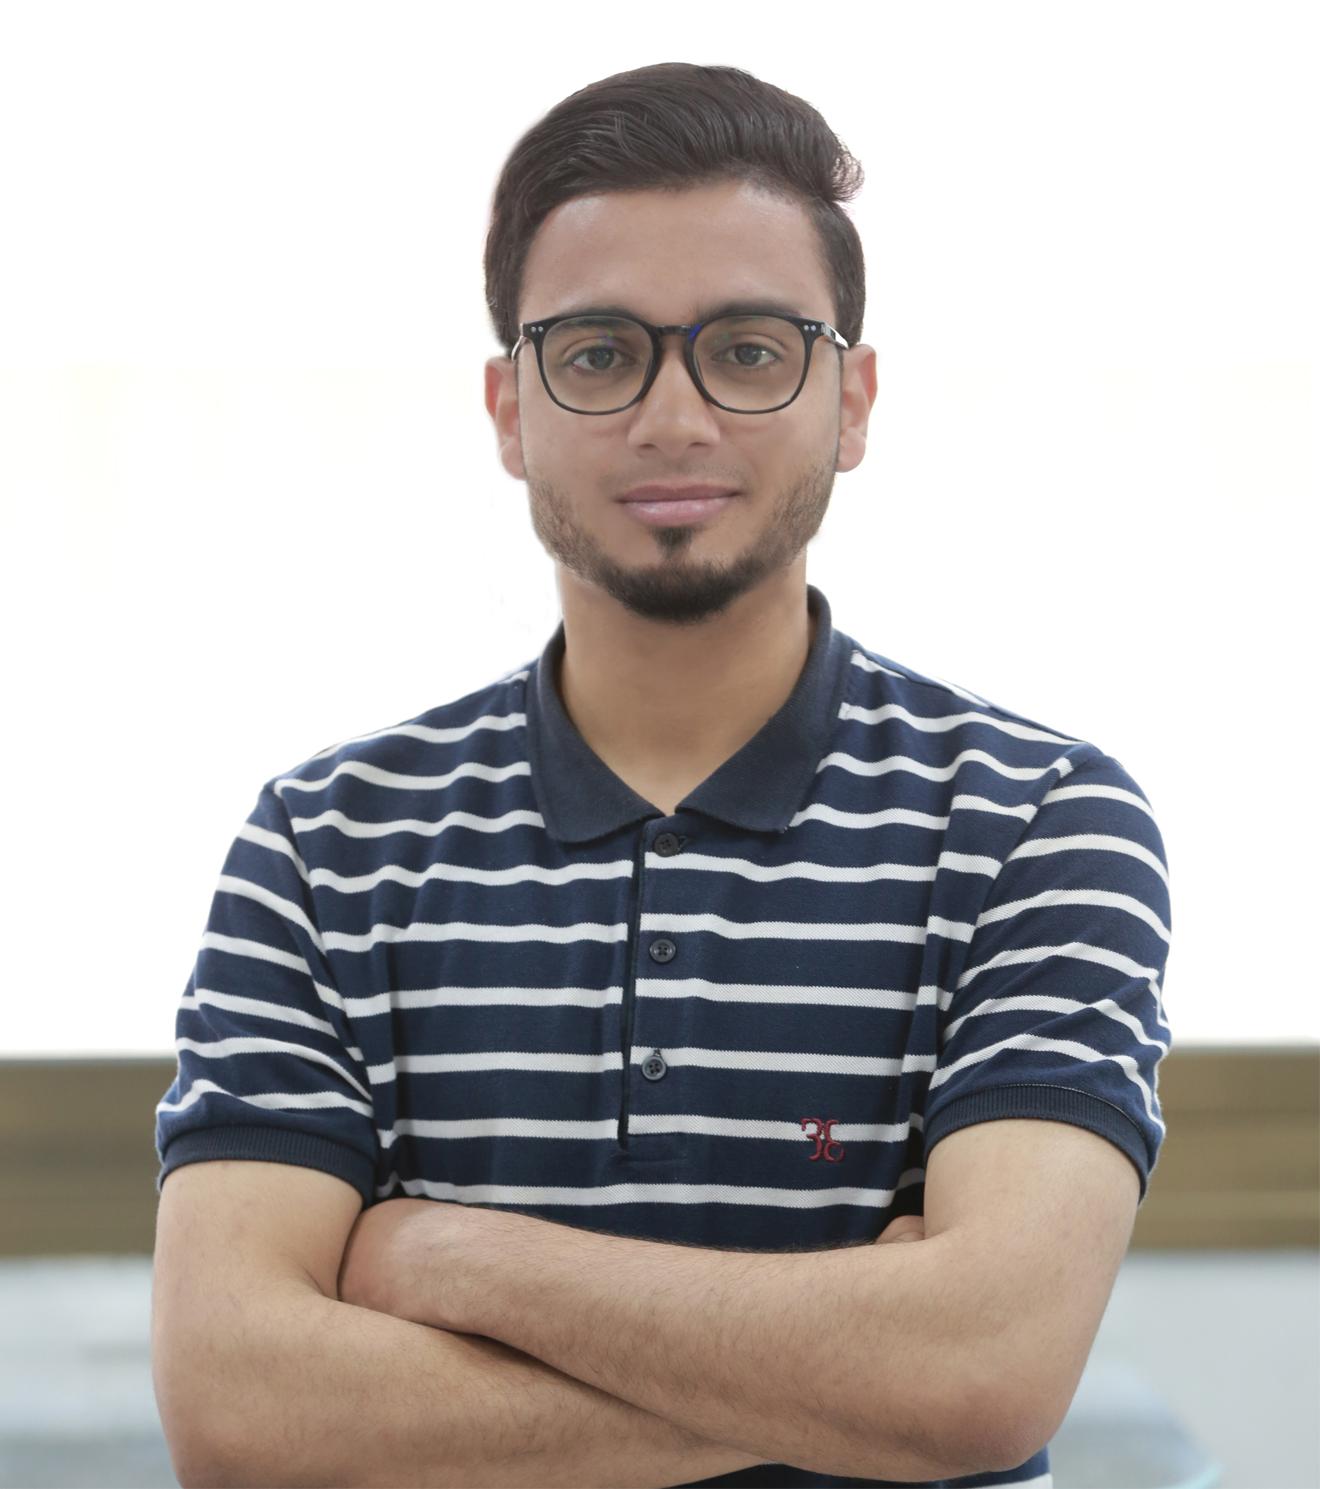 mohammed96